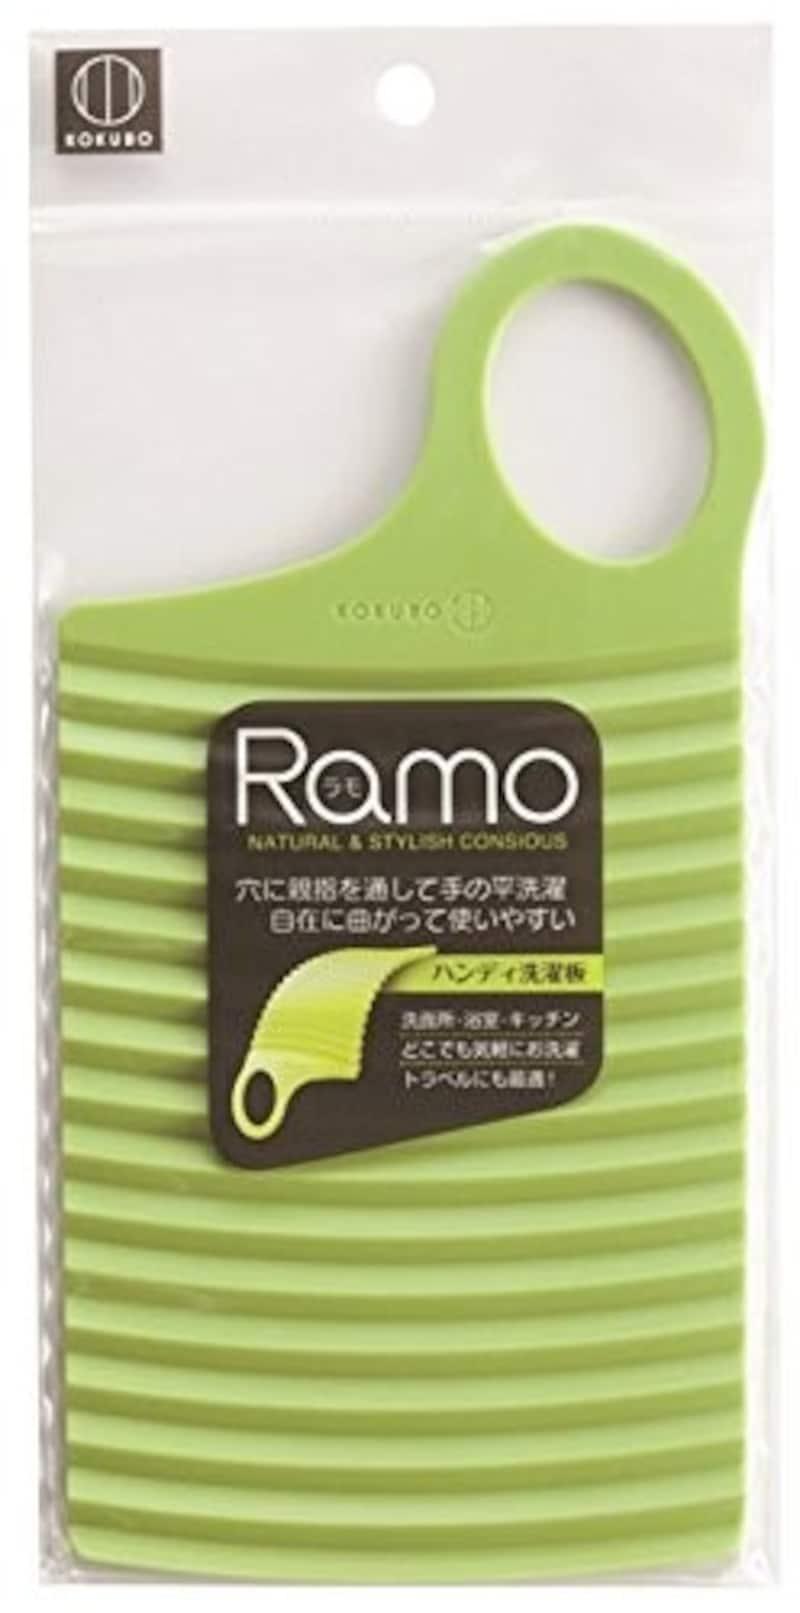 小久保工業所,Ramo ハンディ洗濯板,KL-R016